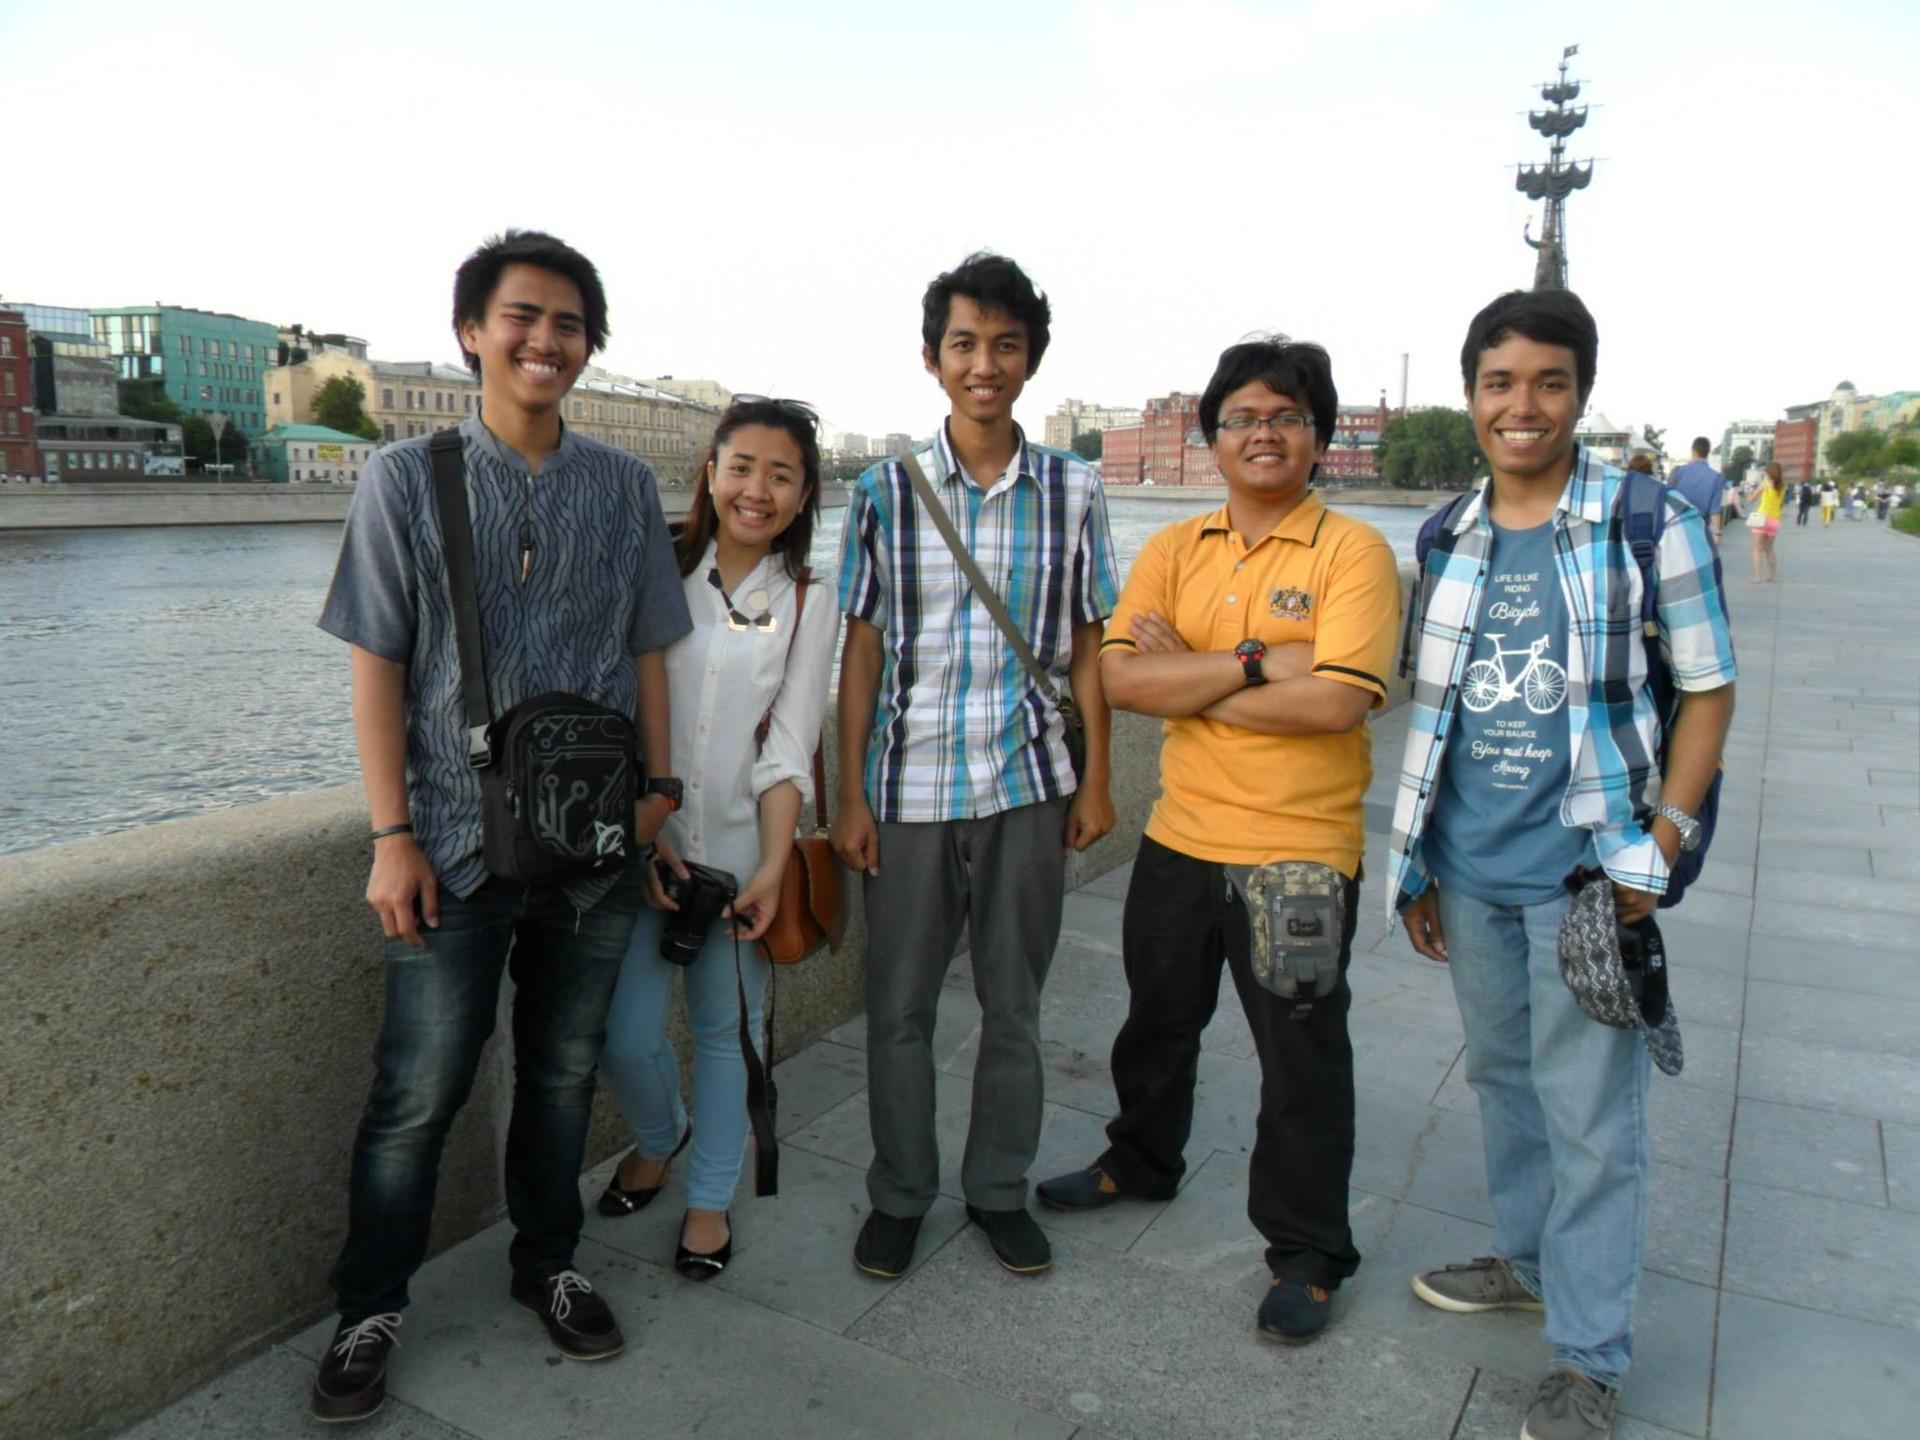 Yodha (tengah), berfoto bersama para Mahasiswa Indonesia saat transit di Moskow setelah program pertukaran mahasiswa di Belgorod pada 2014.